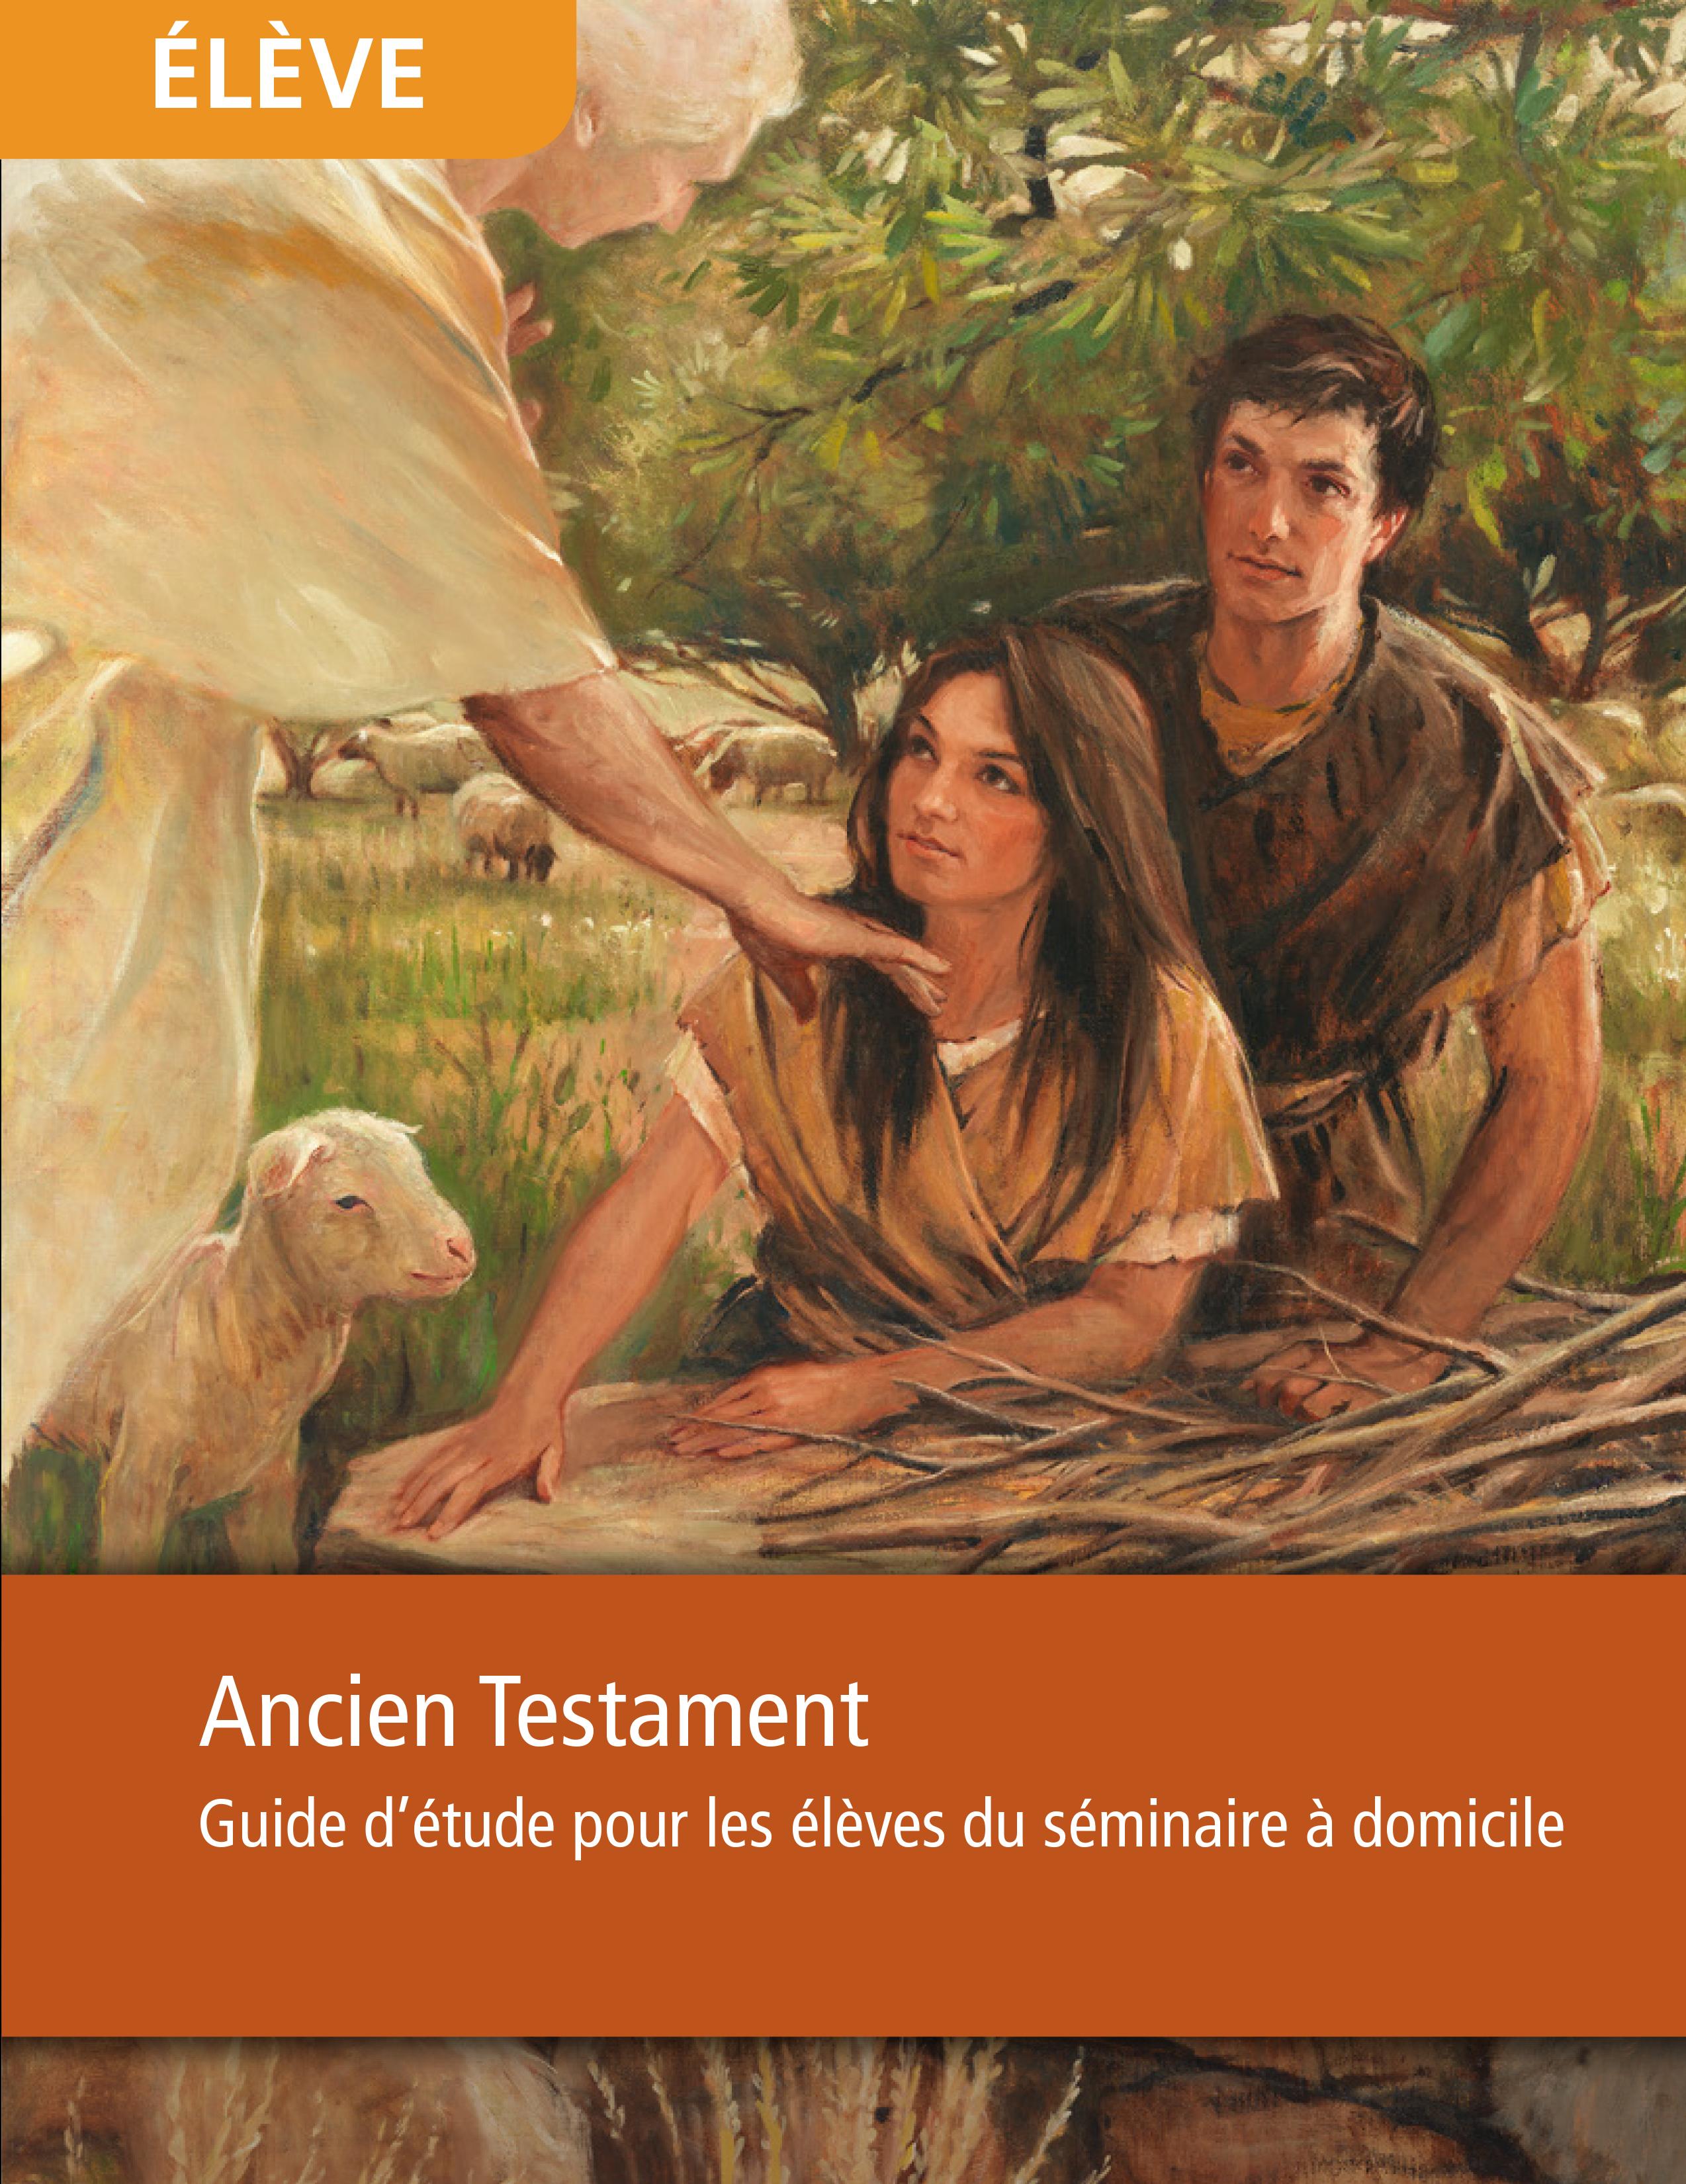 Ancien Testament, guide d'étude pour les élèves du séminaire à domicile